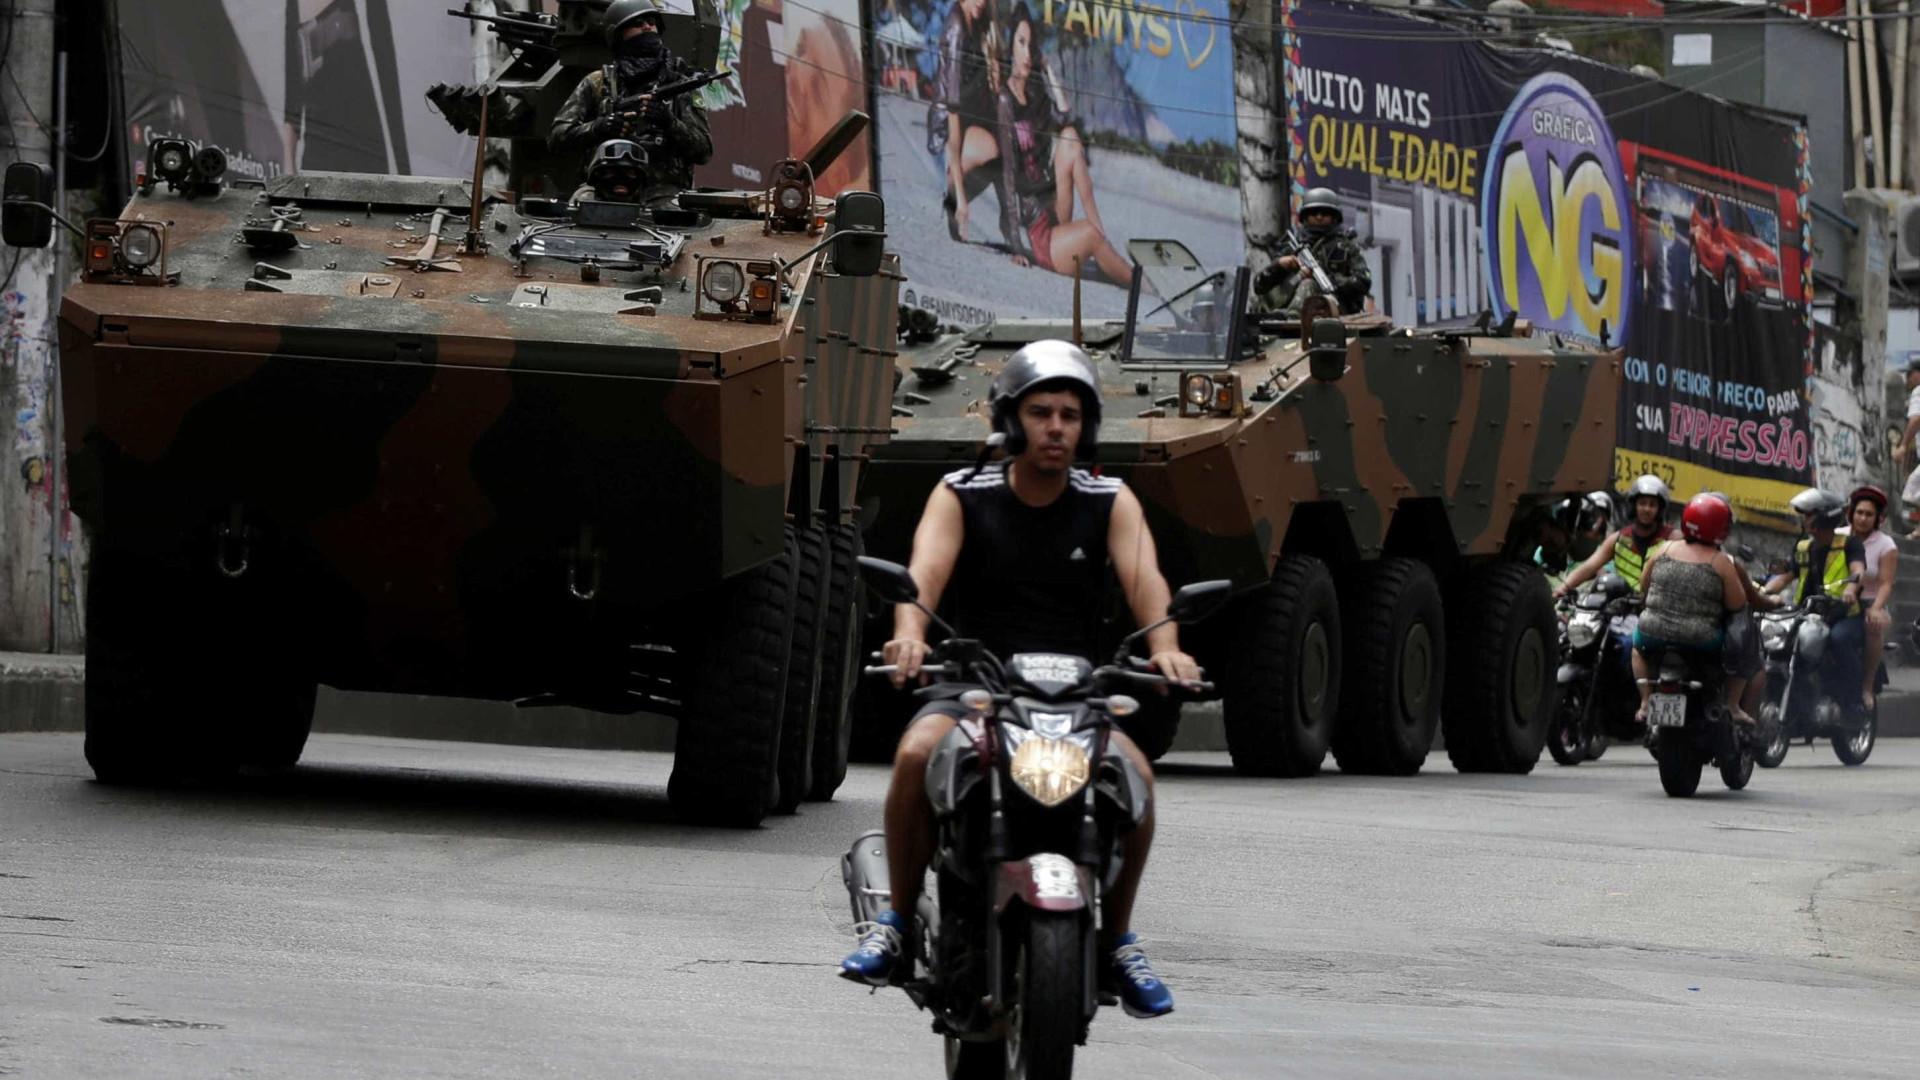 Tropas do Exército saem de batalhões para ação em área violenta do Rio